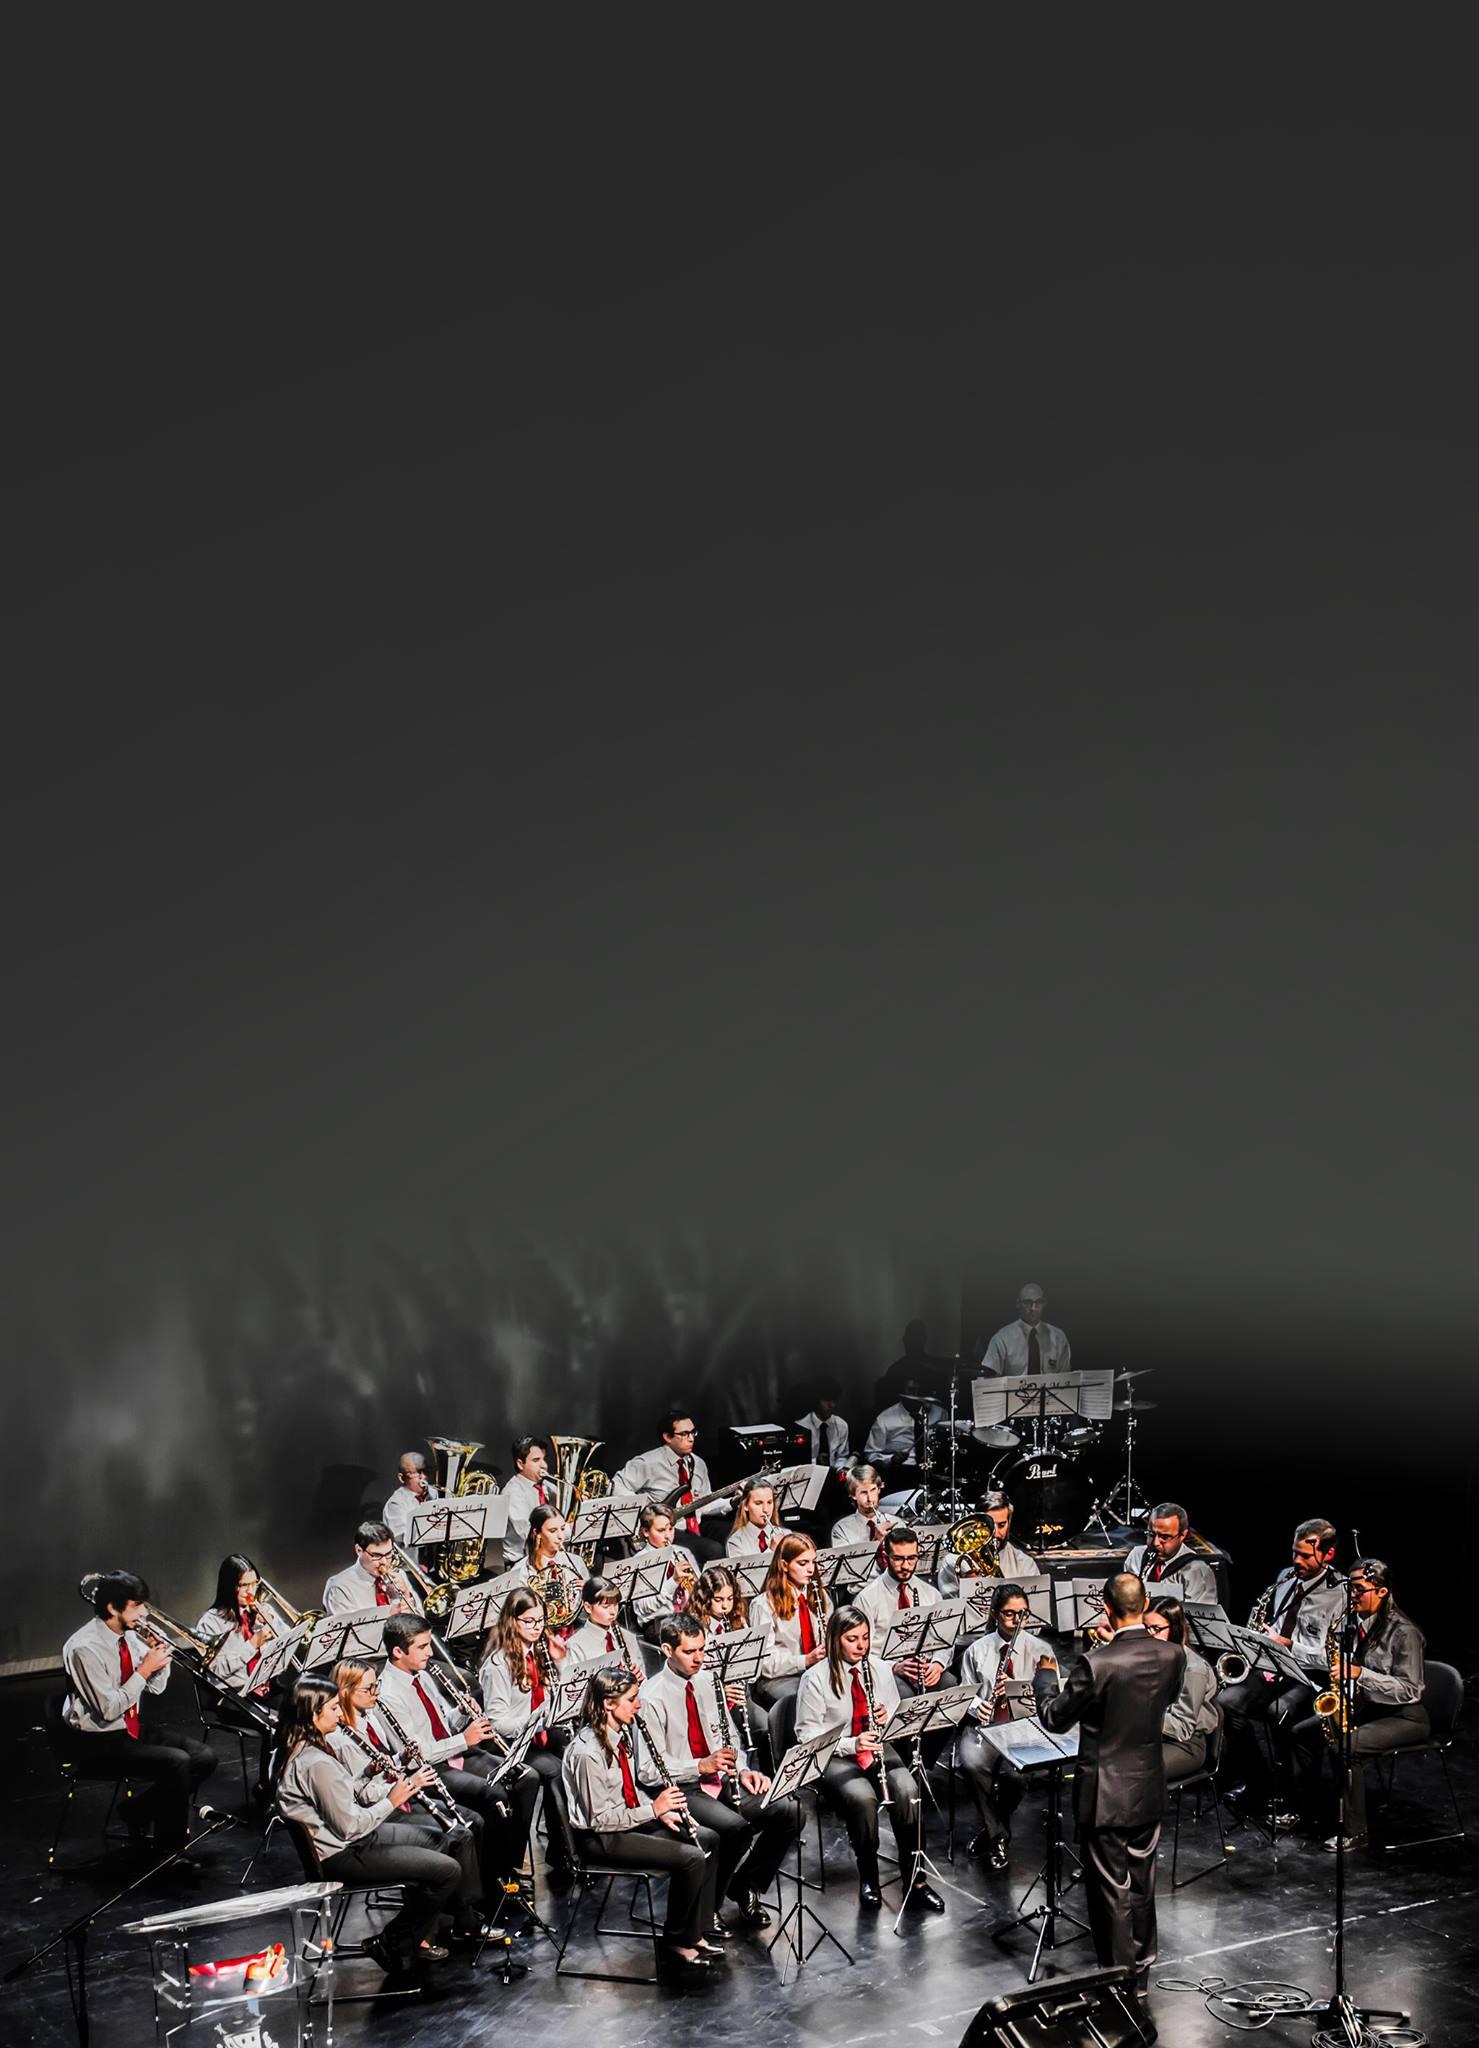 ASSOCIAÇÃO MUSICAL DO ANTUÃ